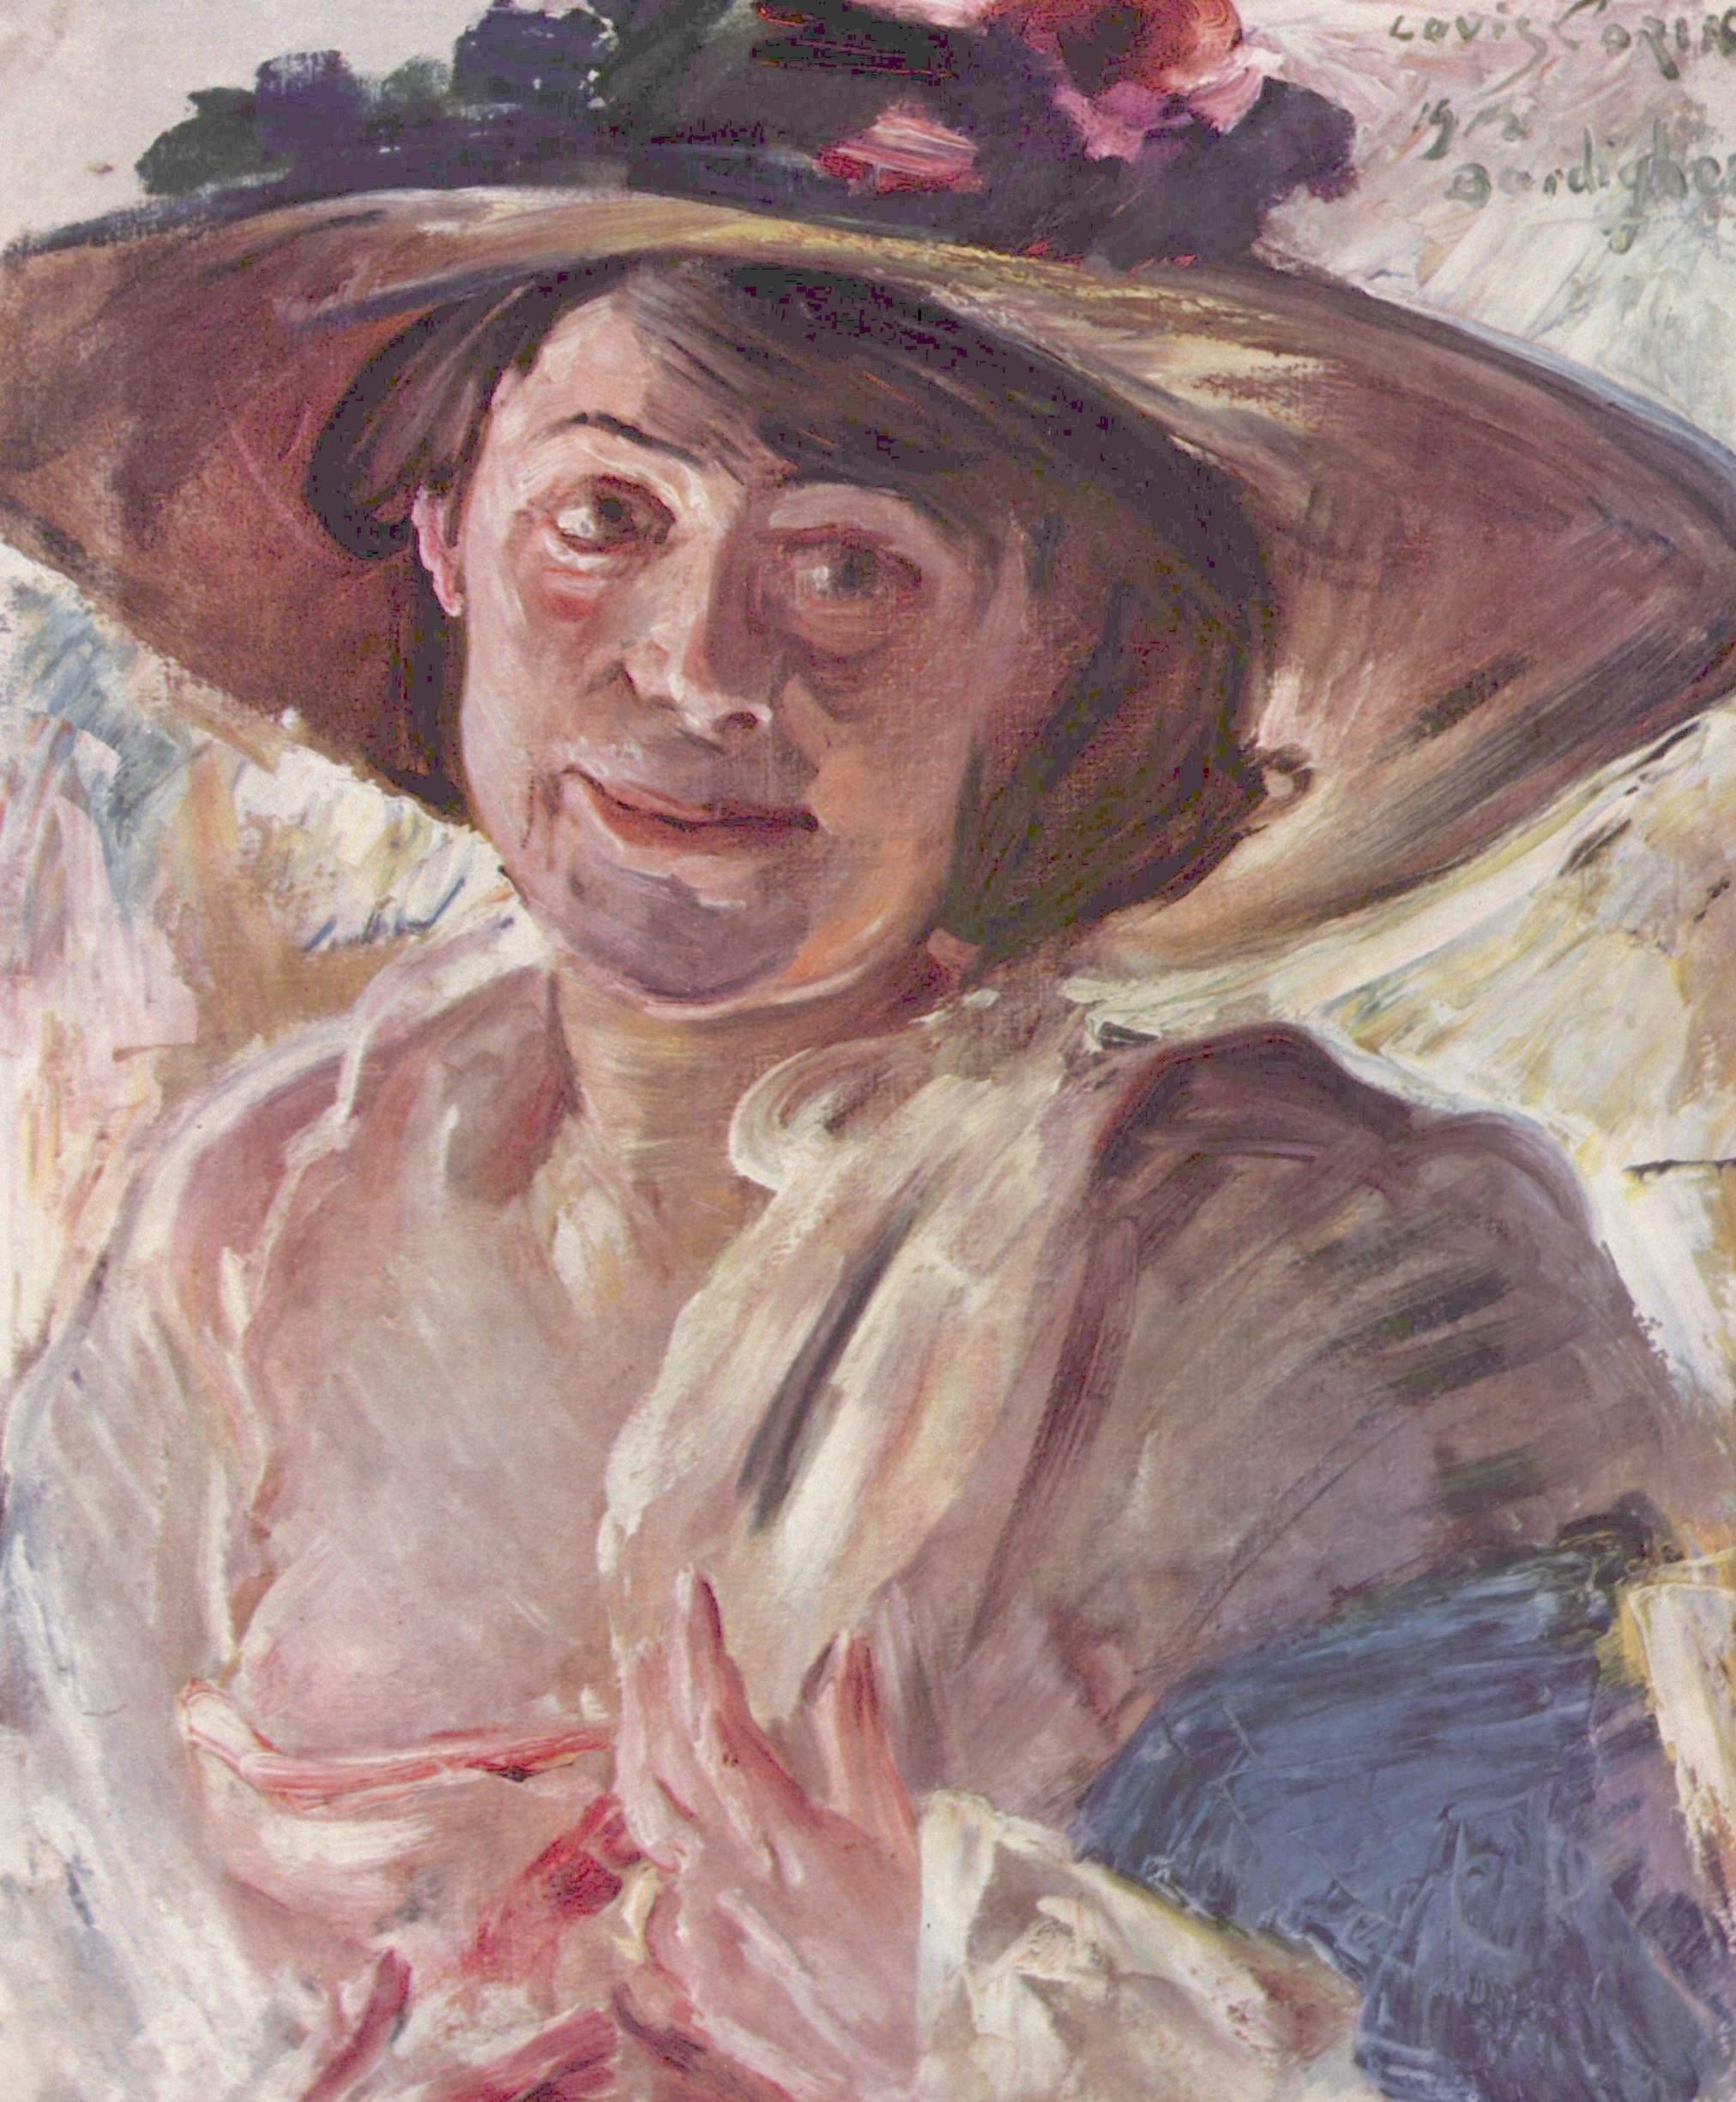 Дама в розовой шляпе. Портрет Шарлотты Беренд-Коринт, Коринт Ловис